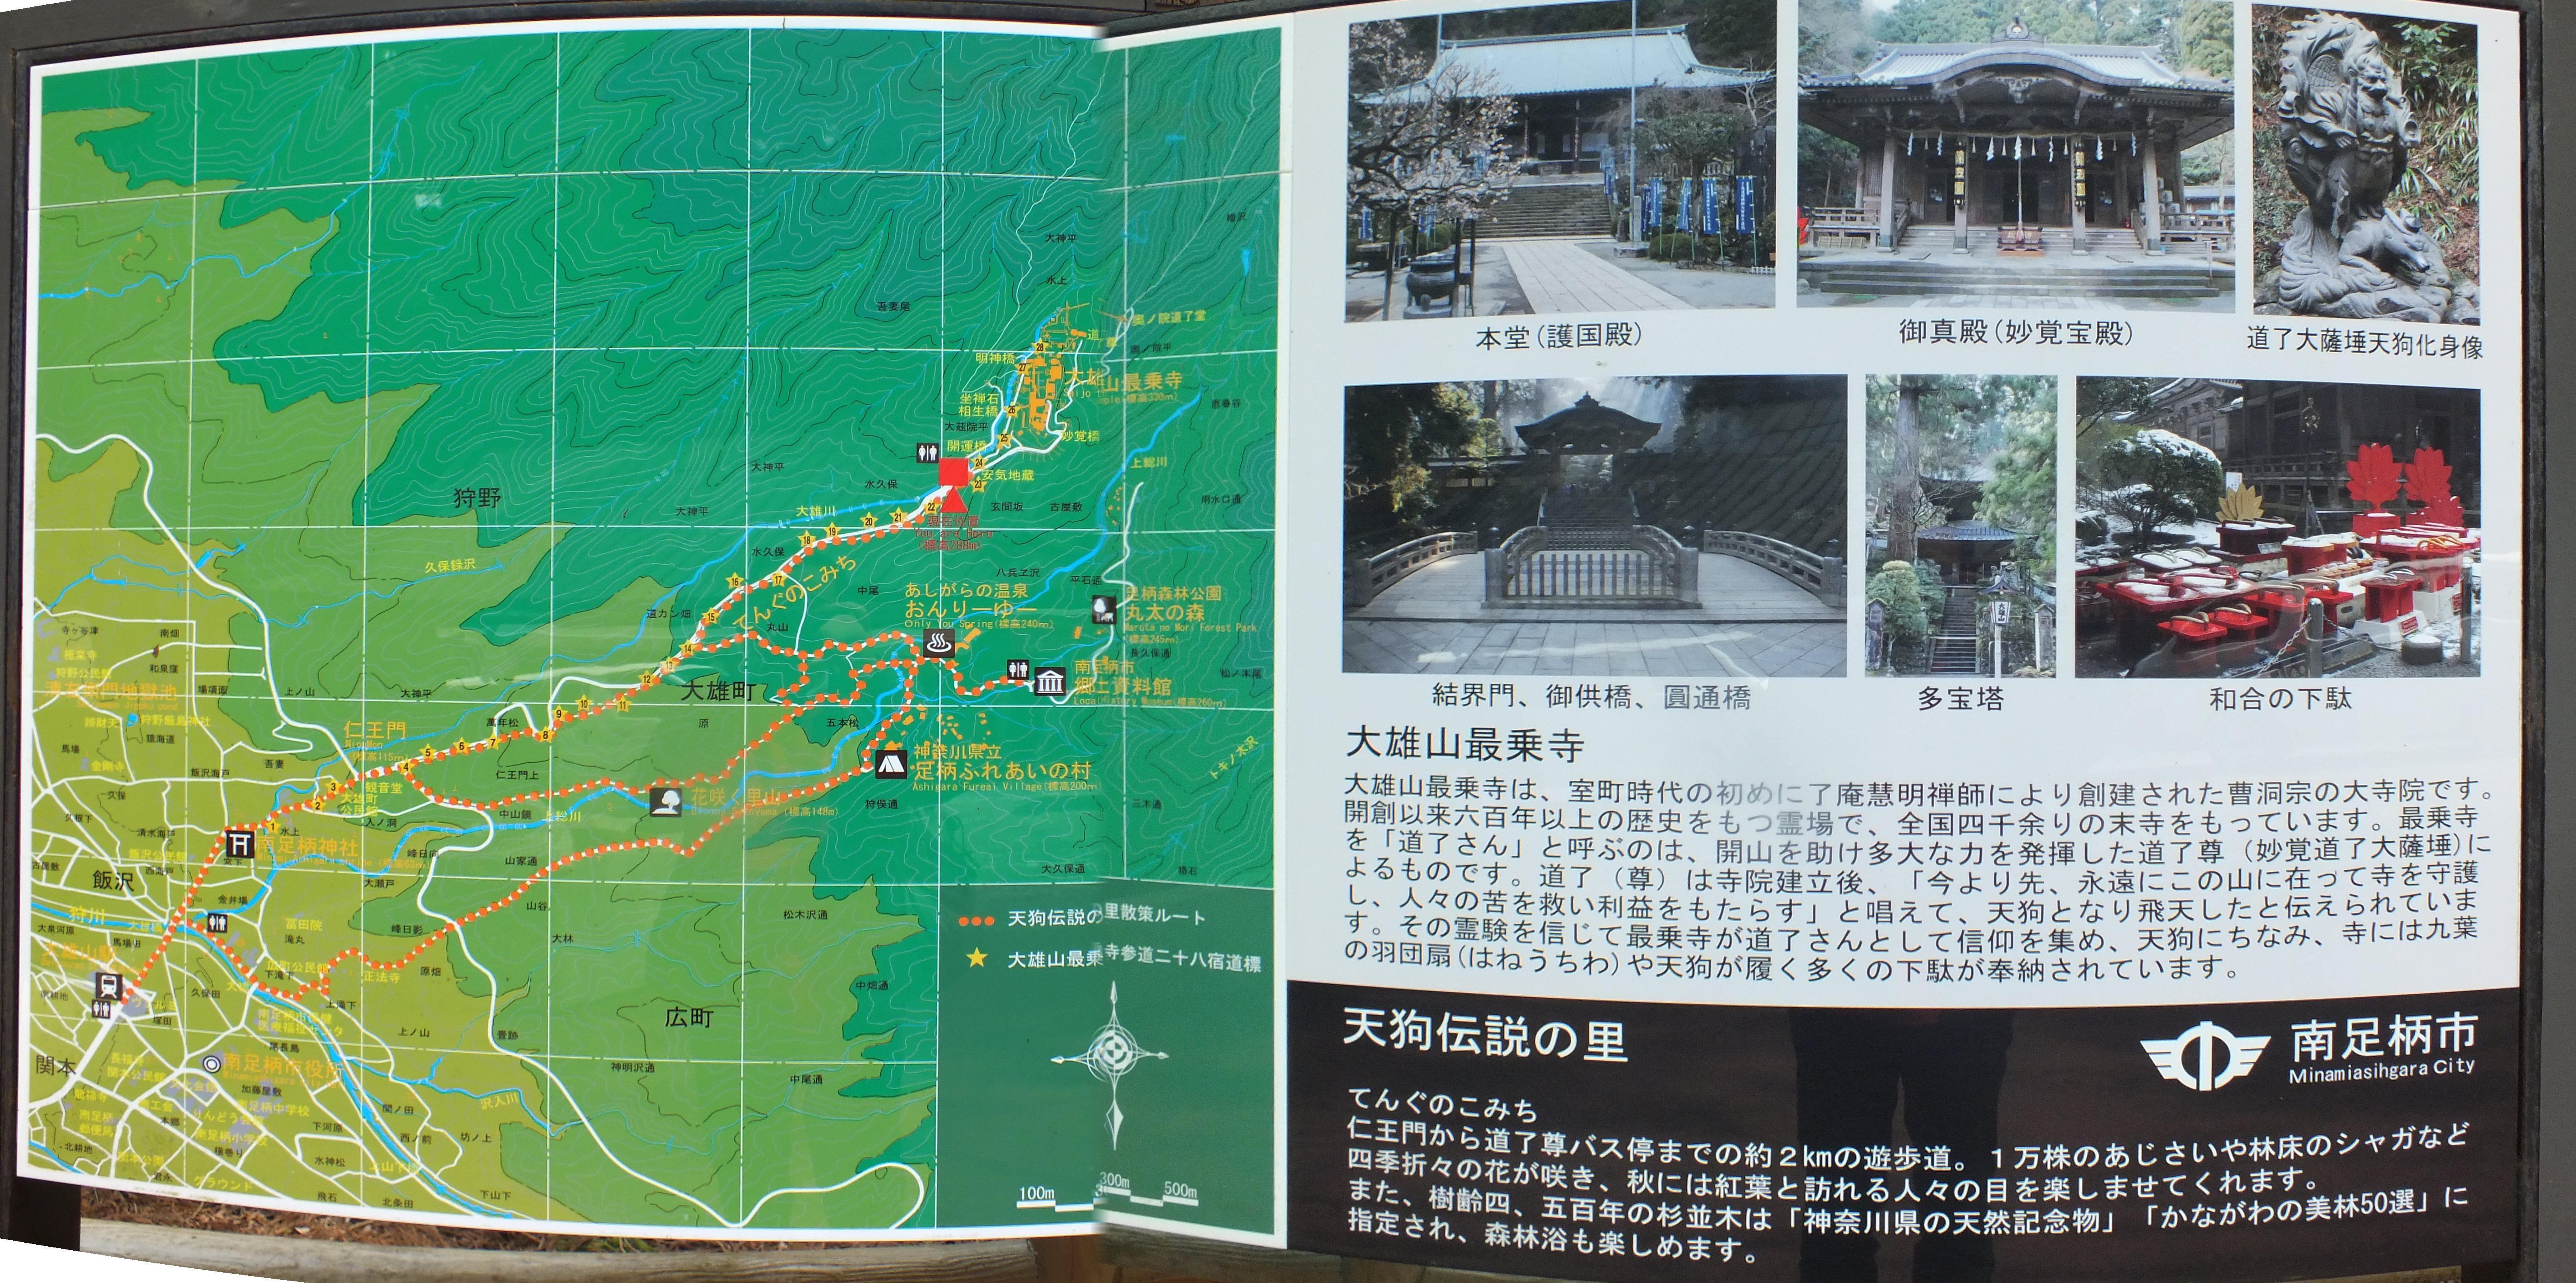 大雄山最乗寺23丁目バス停付近